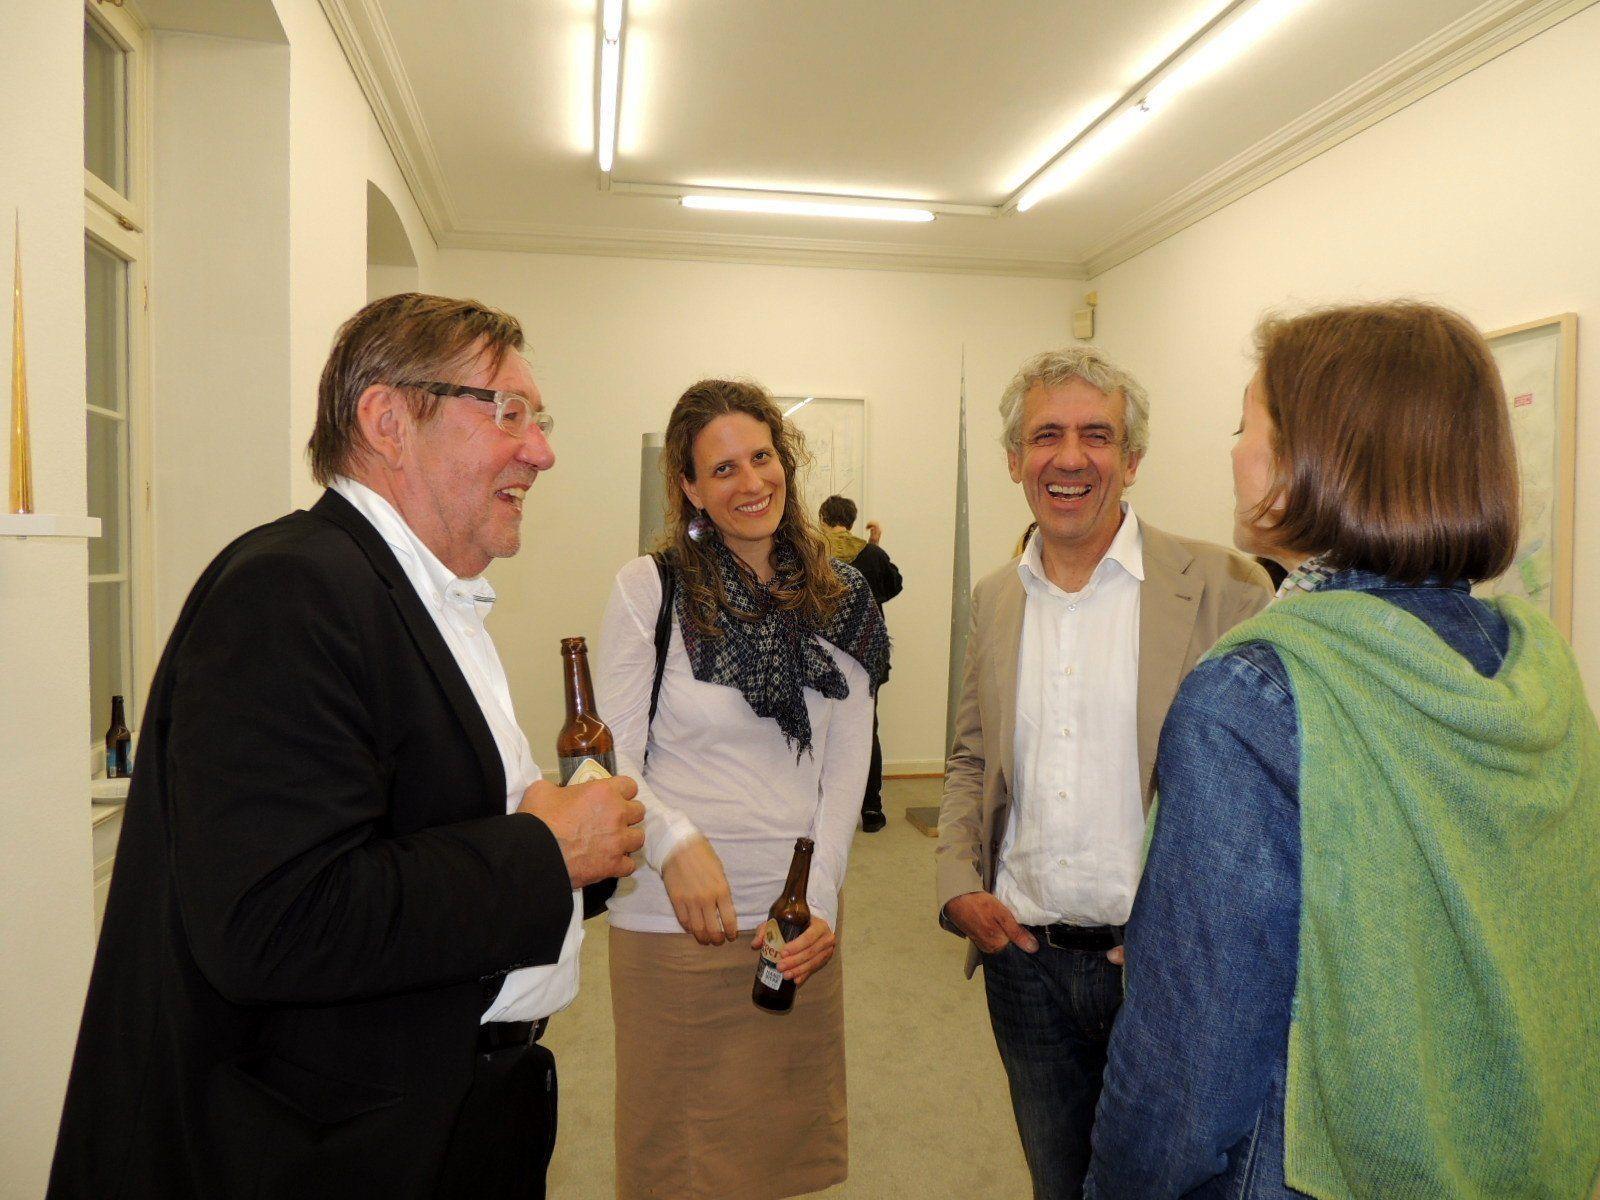 Künstler und Bildhauer Gottfried Bechtold ist einer der 19 ausstellenden Kunstschaffenden